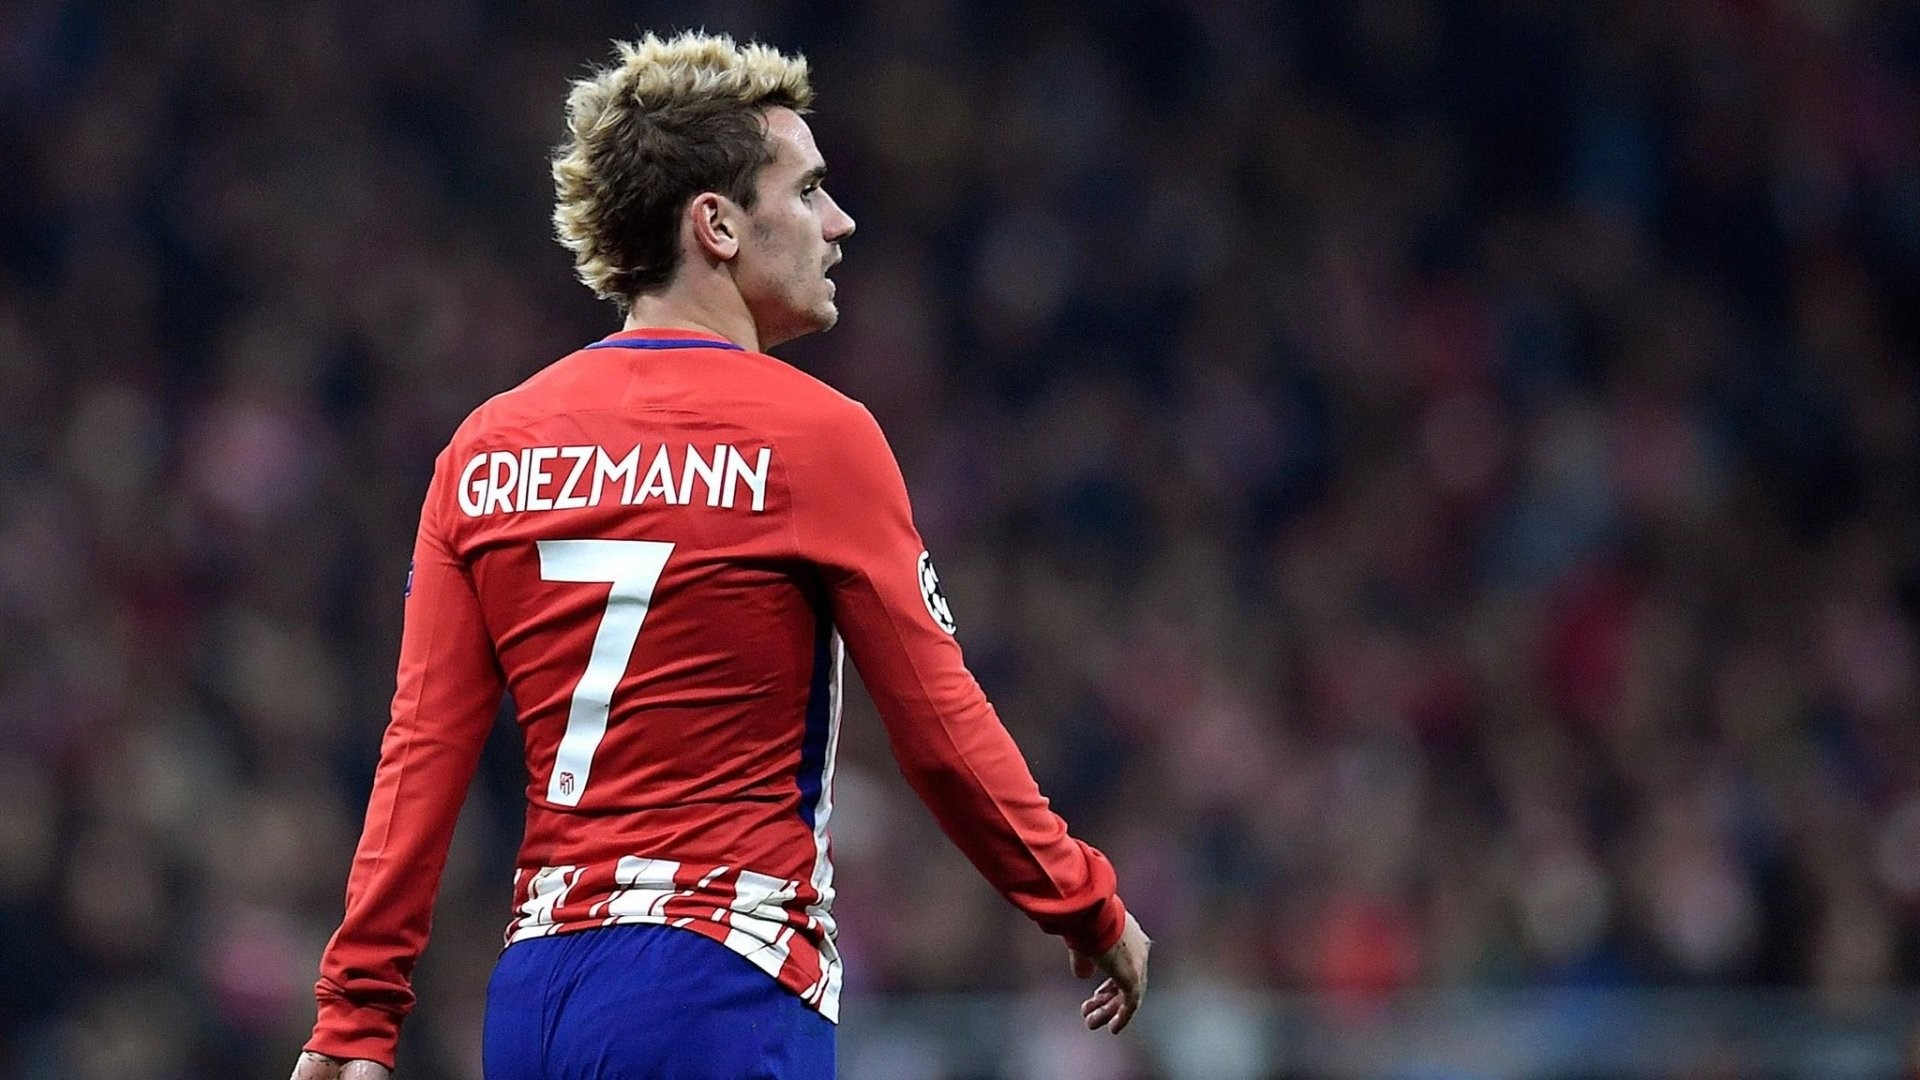 Hình nền tiền đạo tuyển Barcelona Antoine Griezmann cho máy tính số 1